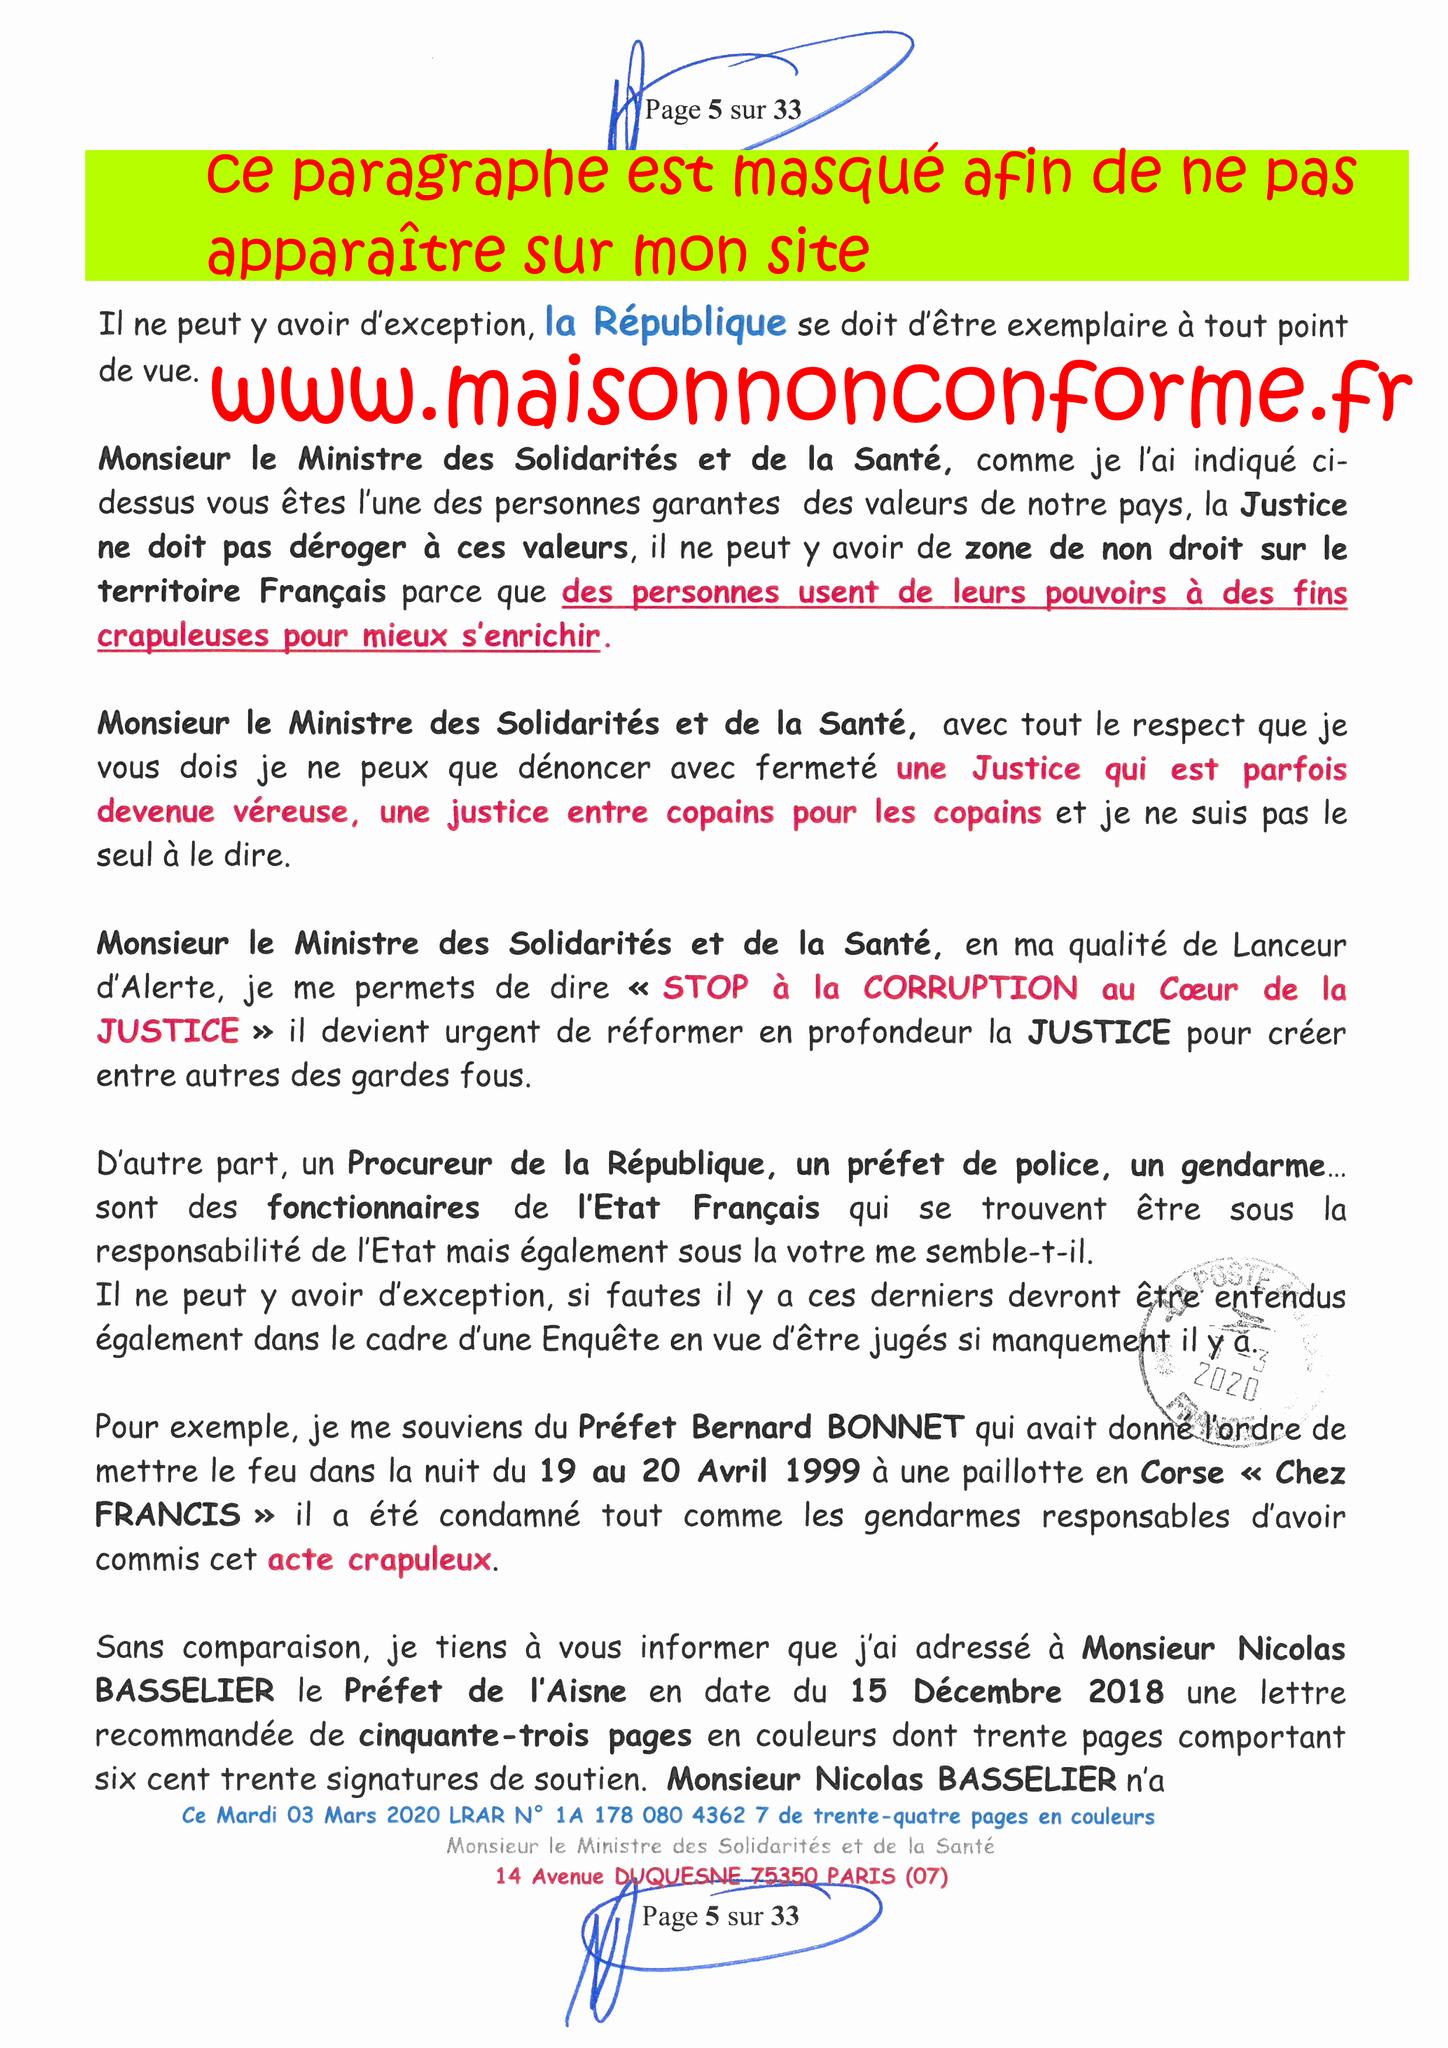 Page 5 sur 33 Ma lettre recommandée N0 1A 178 080 4362 7 du 03 Mars 2020 à Monsieur Olivier VERAN le Ministre de la Santé et des Solidarités www.jesuispatrick.fr